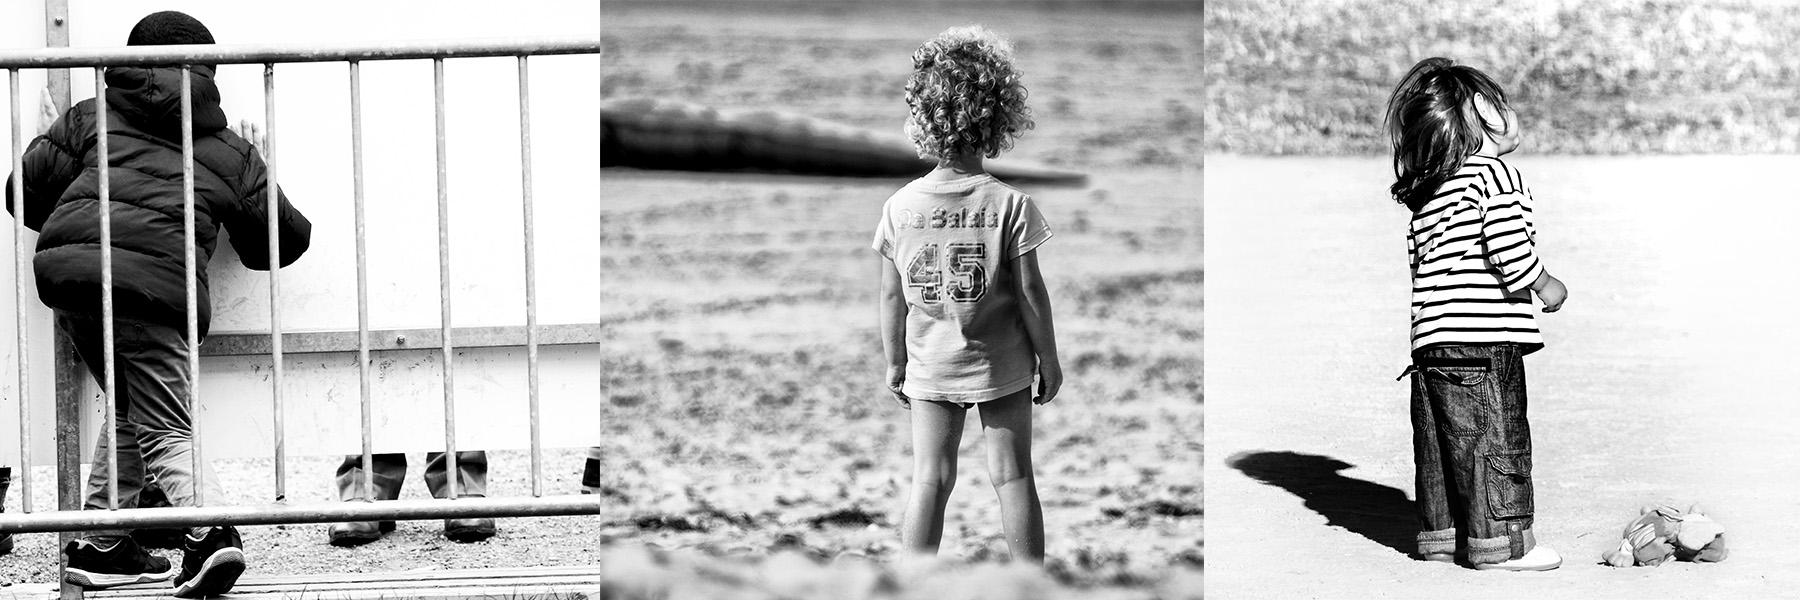 Portrait de dos de trois jeunes enfants : portrait noir et blanc